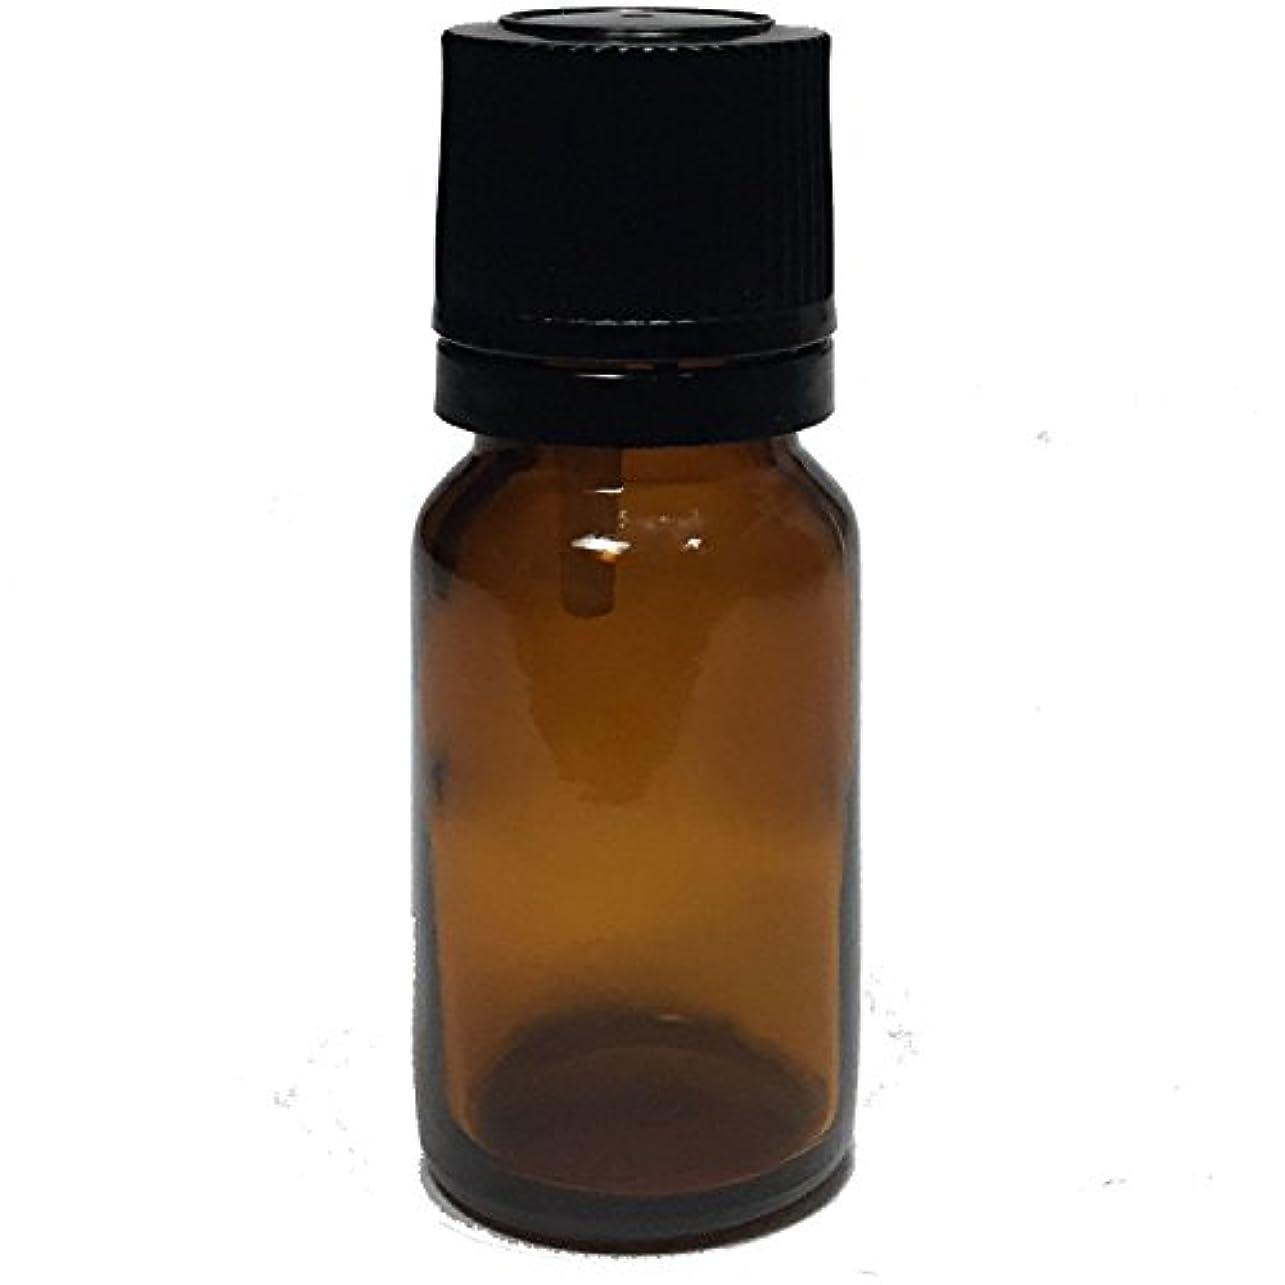 差墓洪水エッセンシャルオイル用茶色遮光瓶 ドロッパー付き 黒キャップ 10ml ガラスビン 10本セット